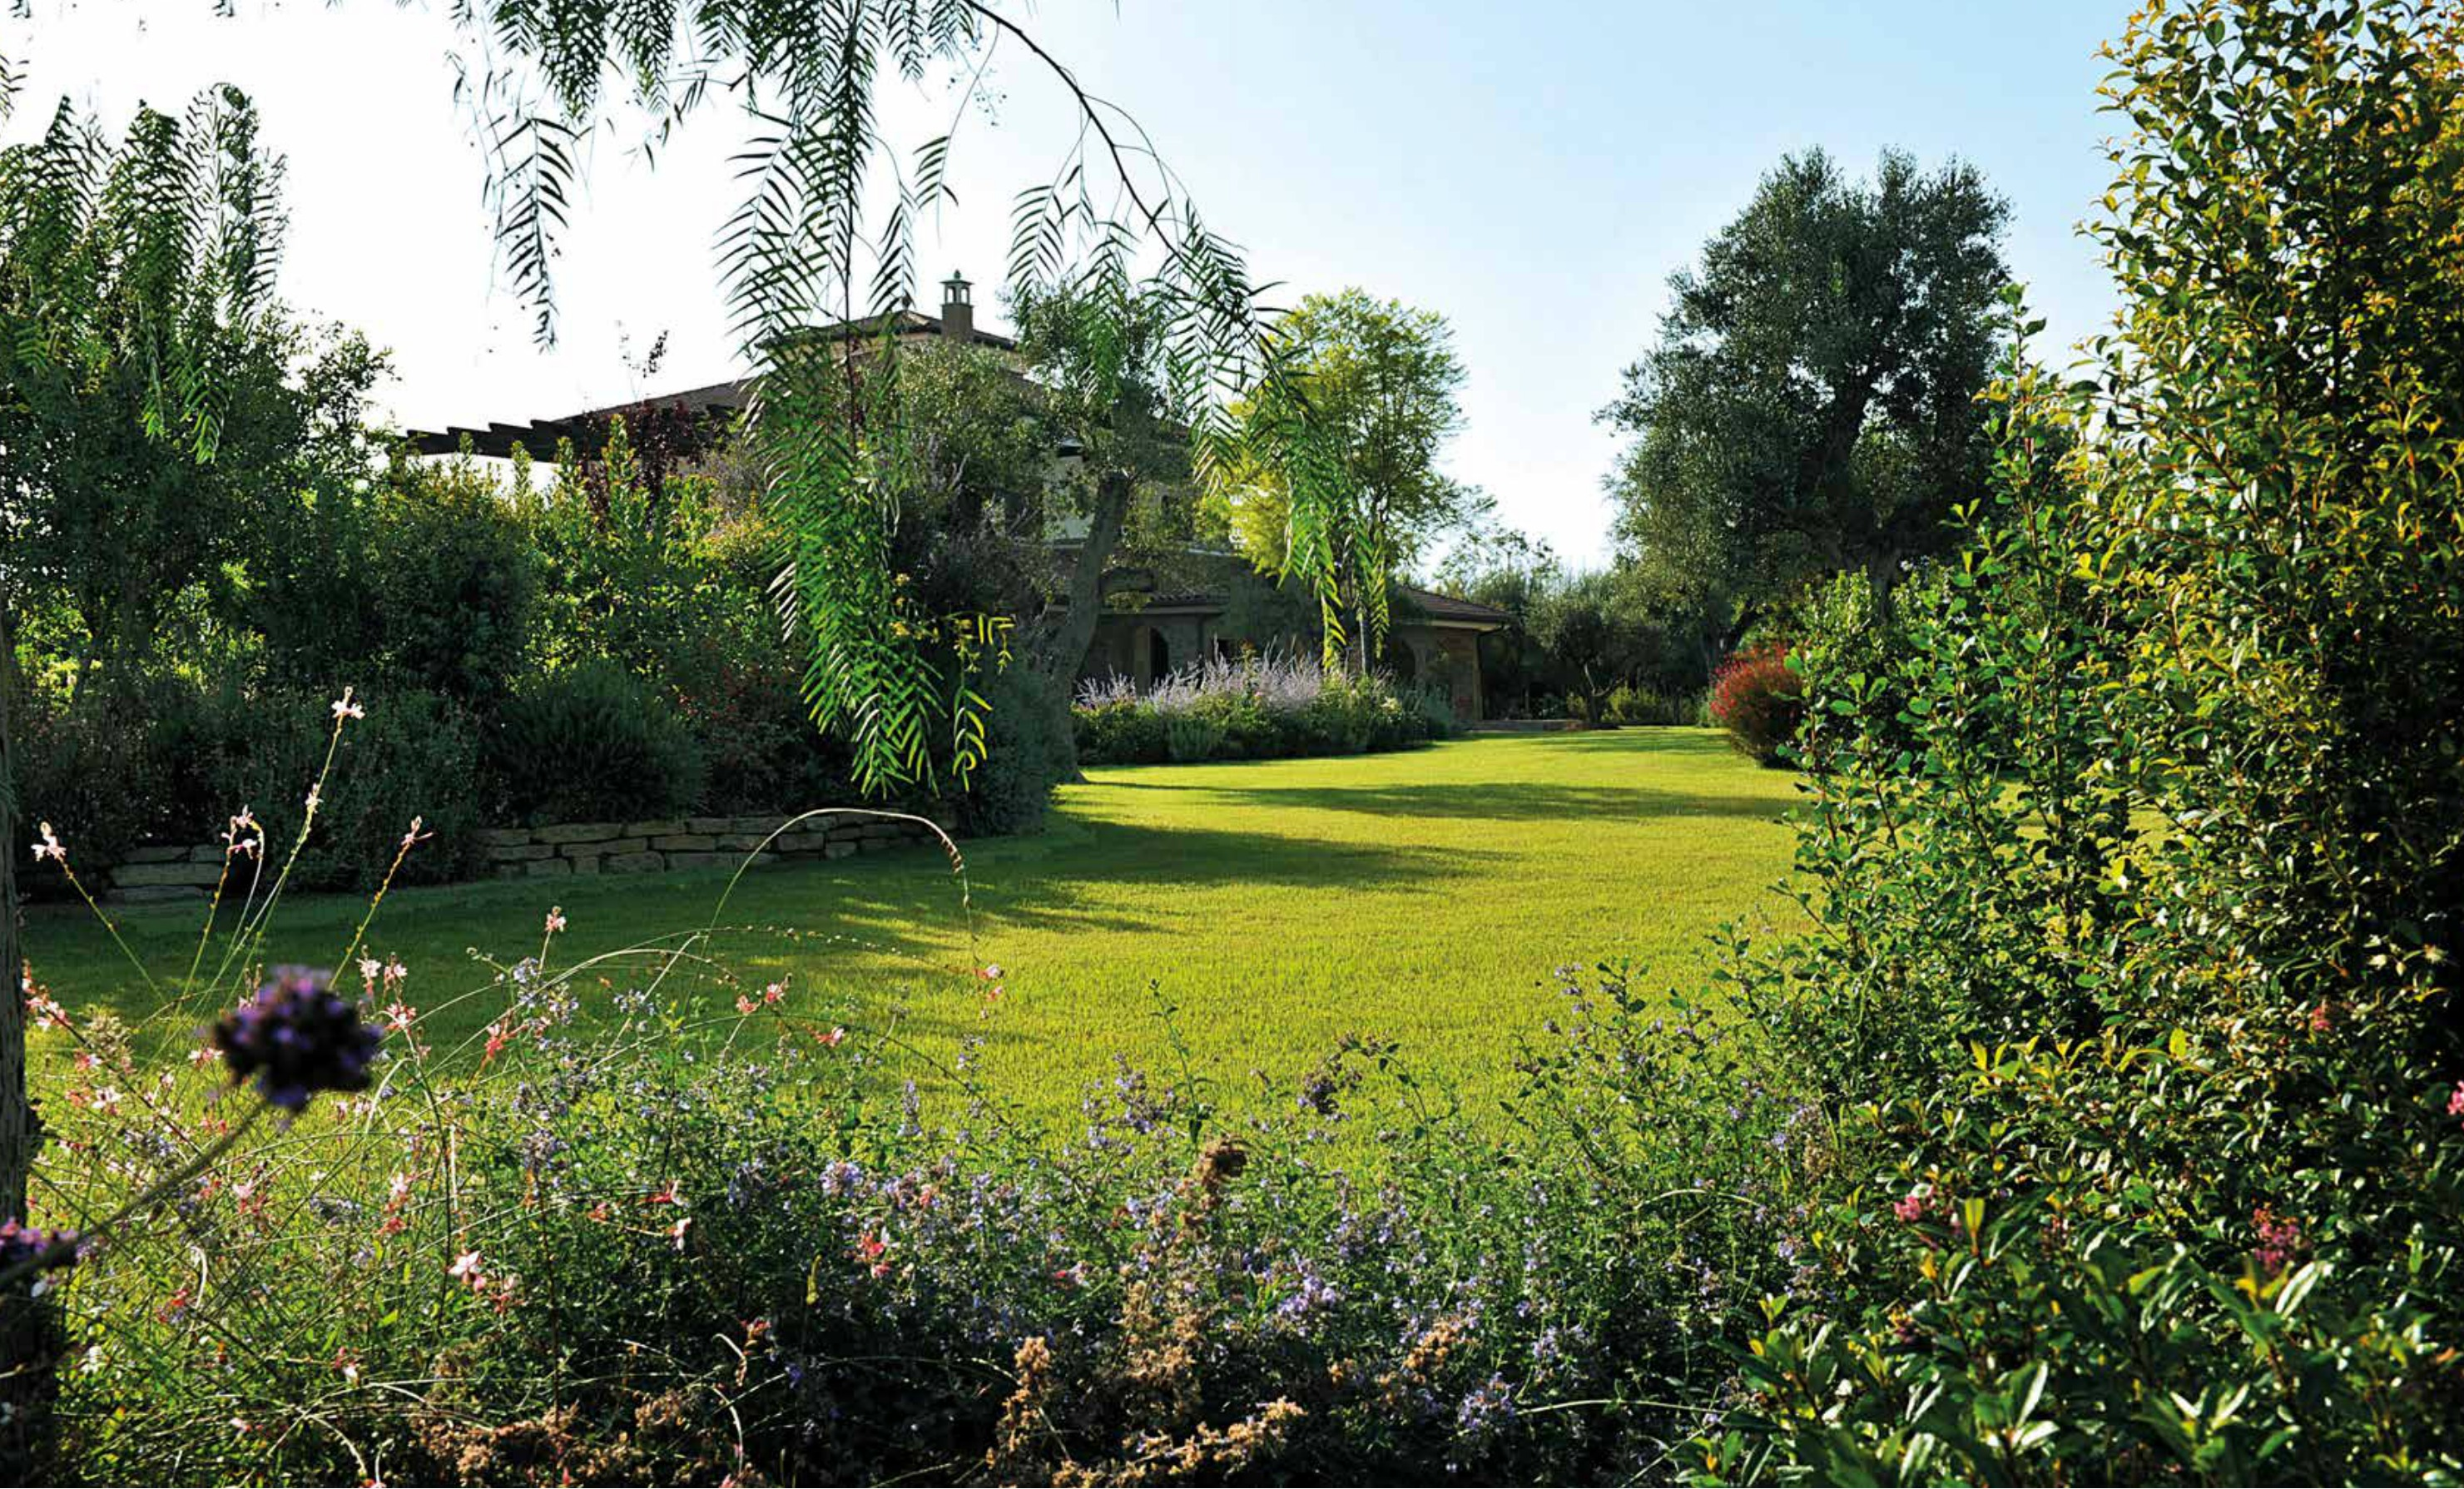 Creare un giardino un regno colorato di relax - Costruire un giardino ...